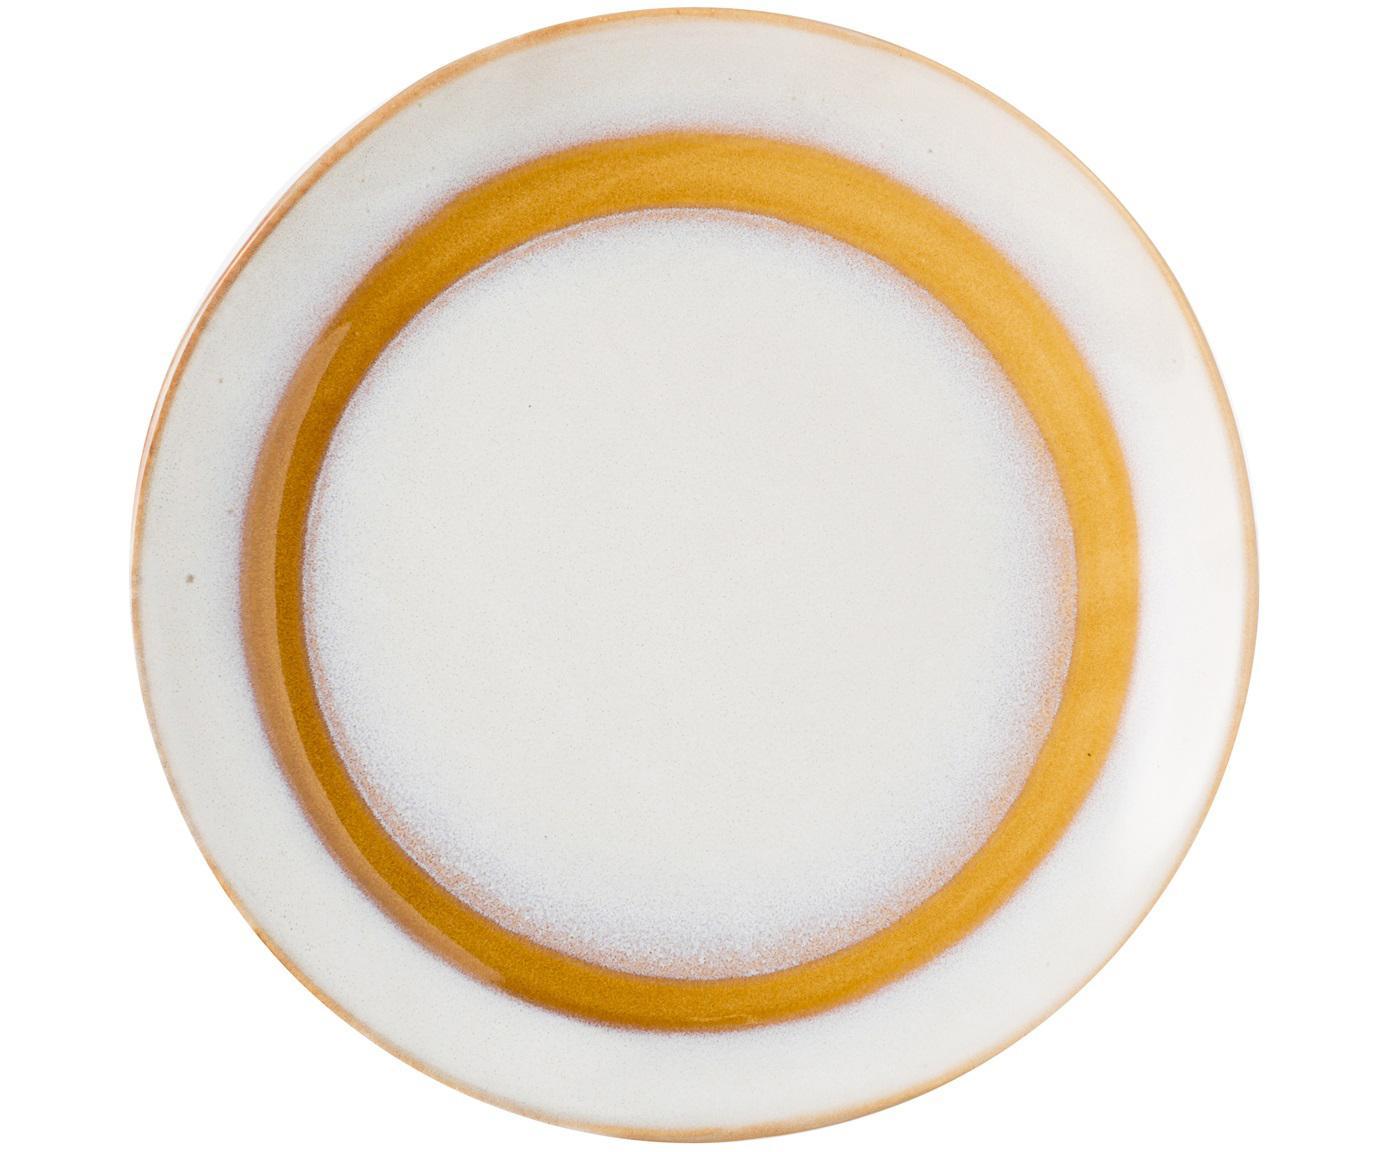 Piatto da dessert fatto a mano 70's, 2 pz, Ceramica, Bianco, arancio, Ø 18 cm